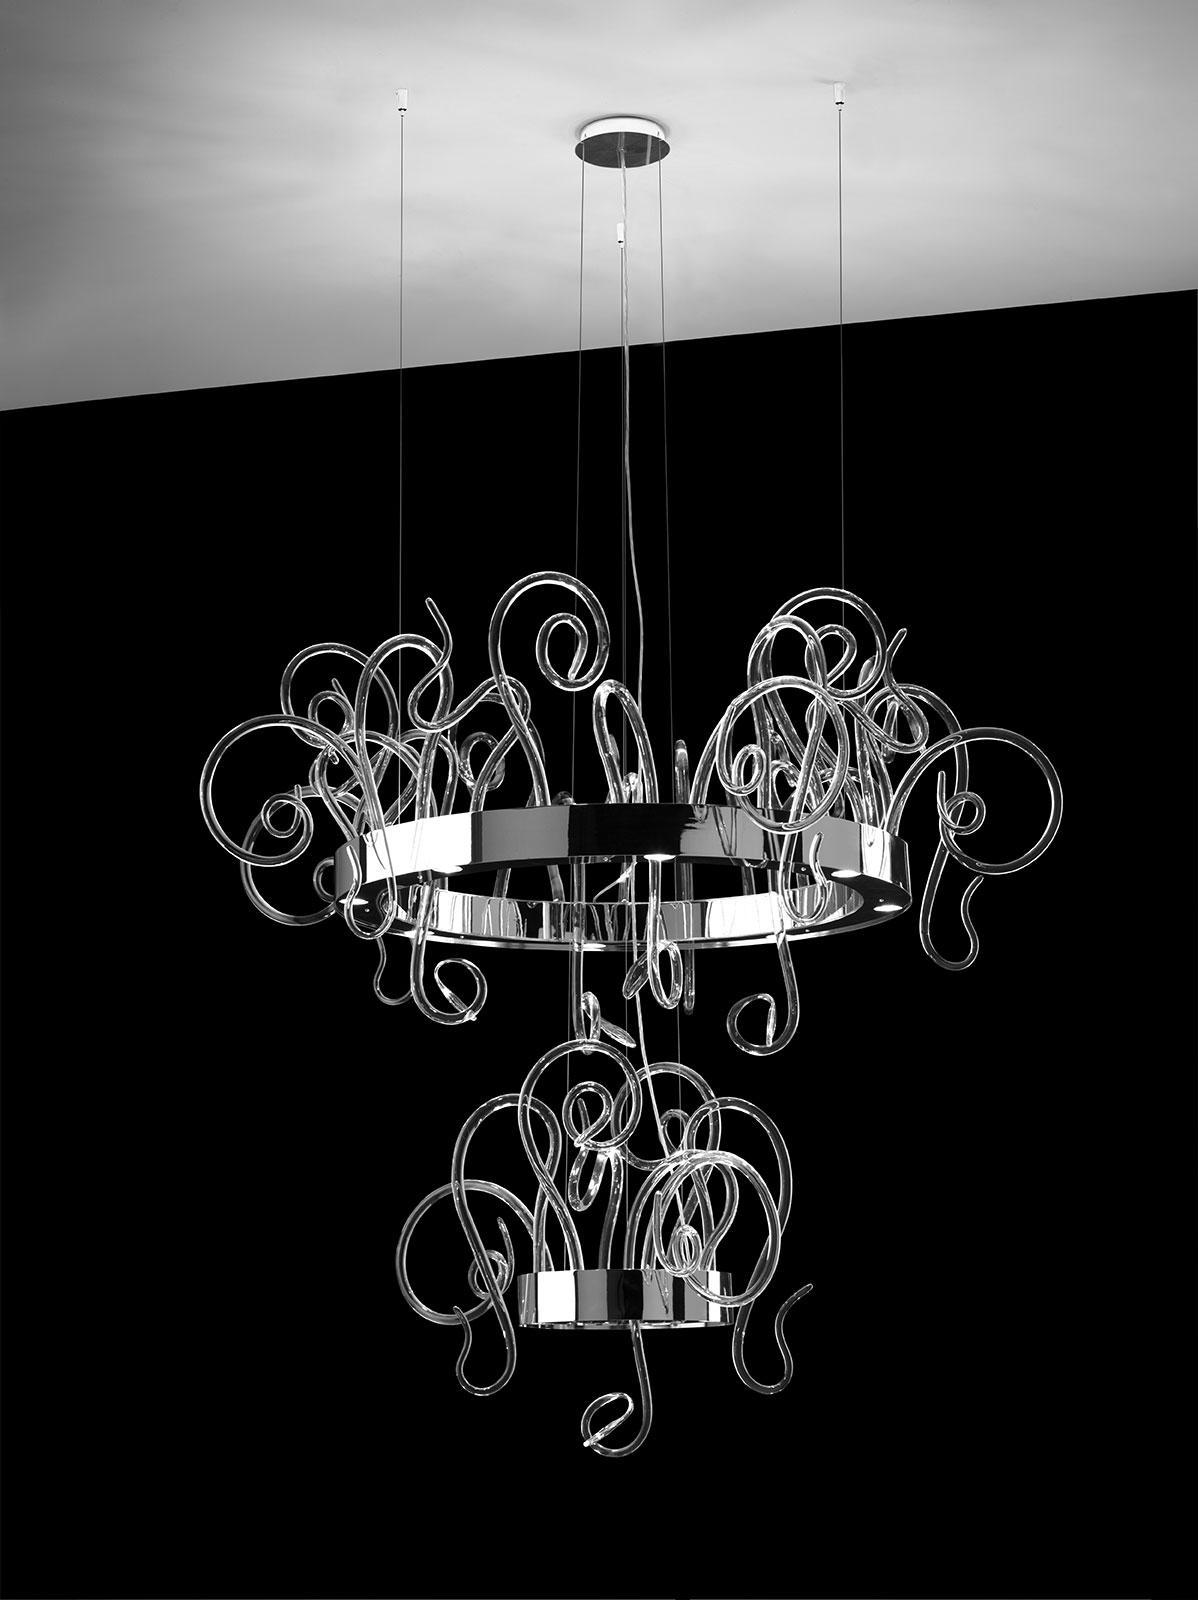 Aspid sospensione in vetro soffiato di Murano - Italy Dream Design